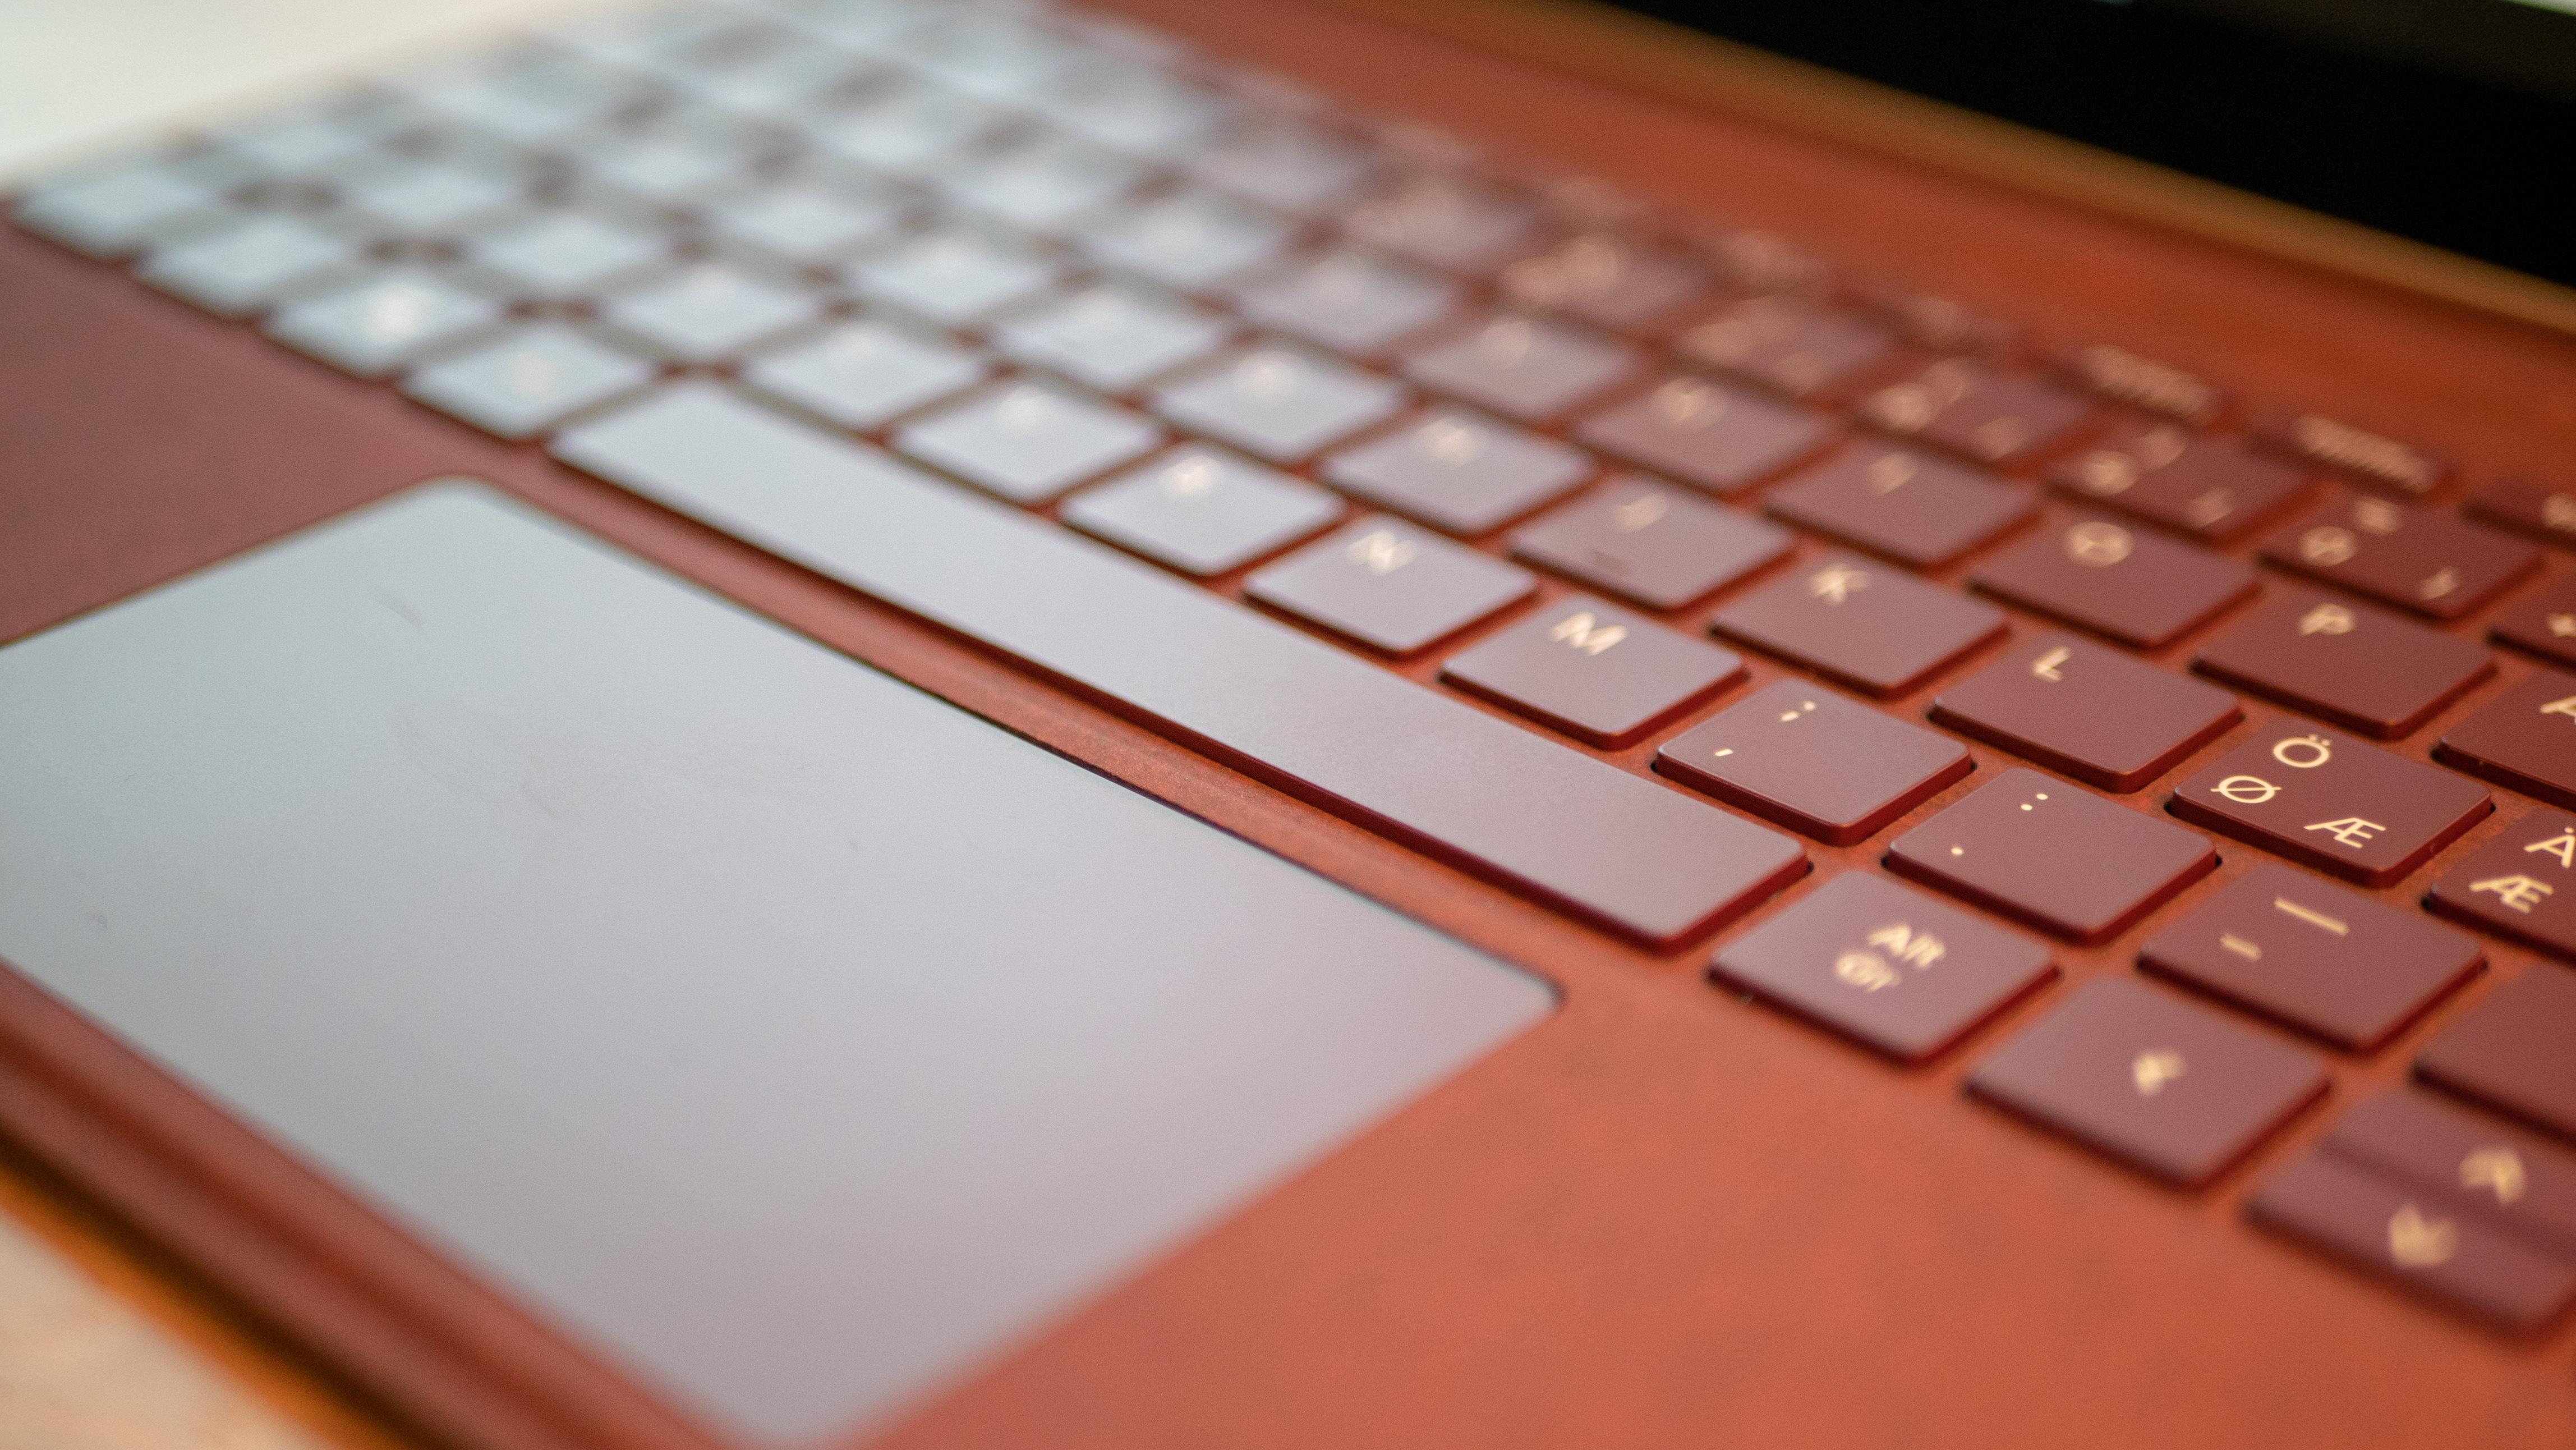 Litt mindre enn vi er vant med, men tastaturet og styreflaten overrasker positivt.